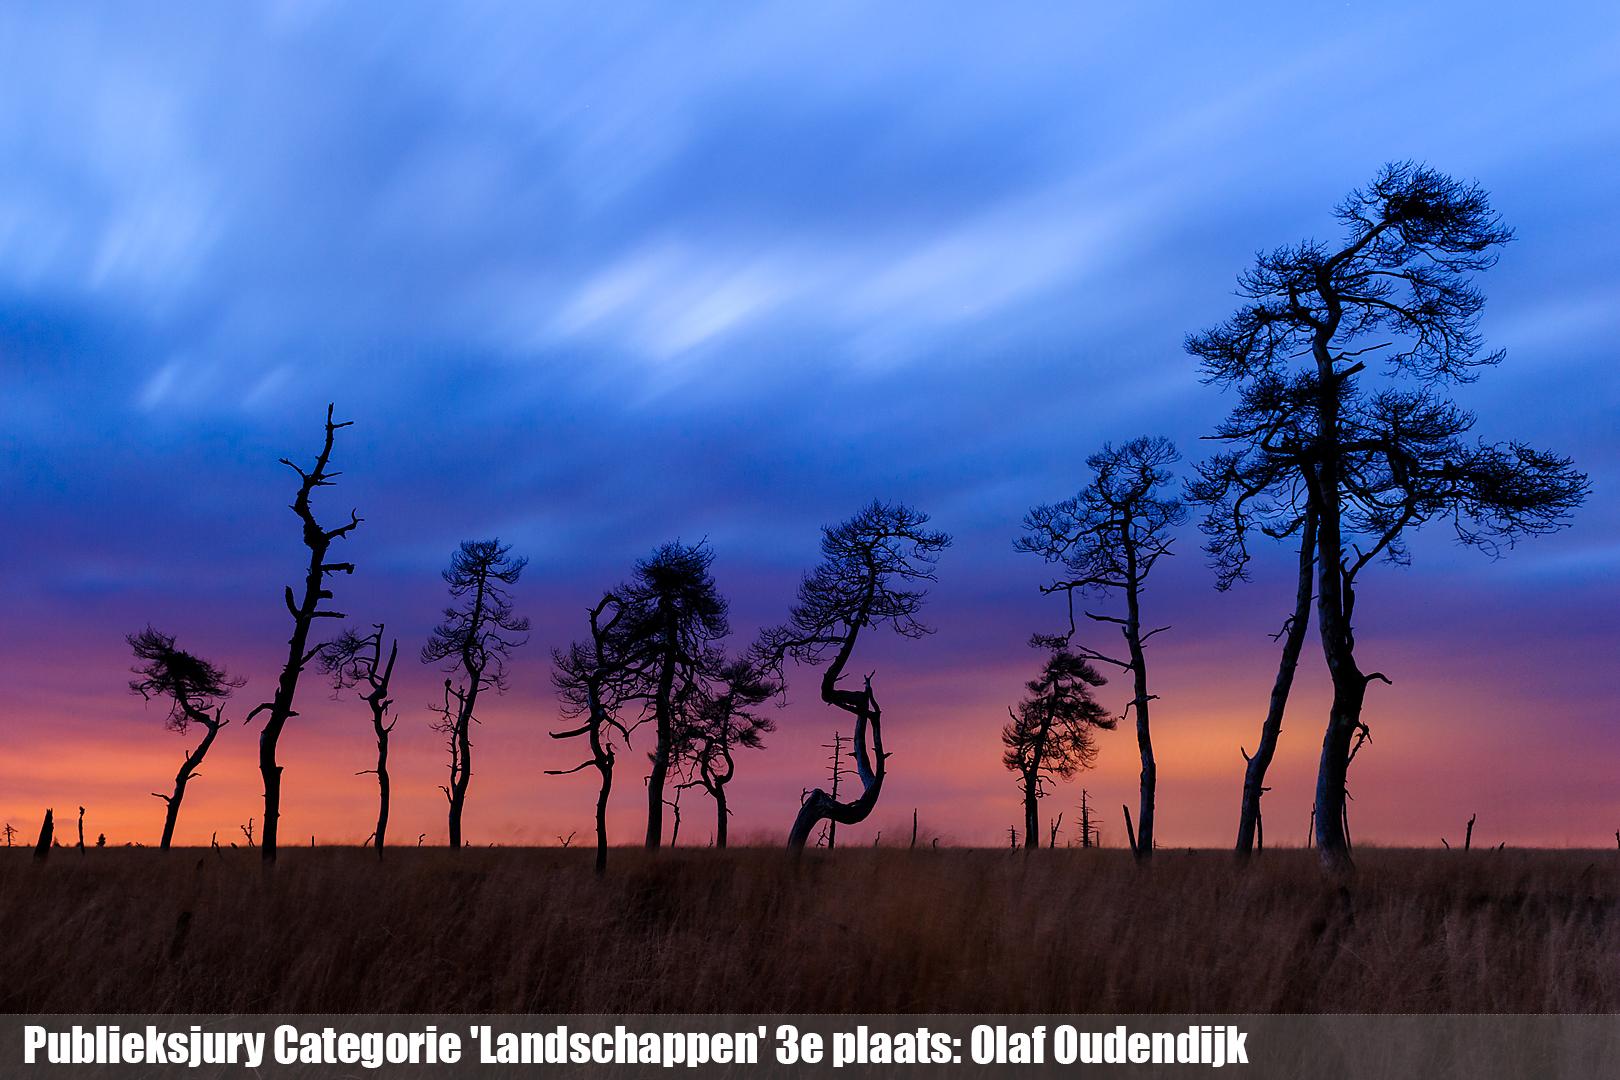 Publieksjury Categorie 'Landschappen' 3e plaats: Olaf Oudendijk